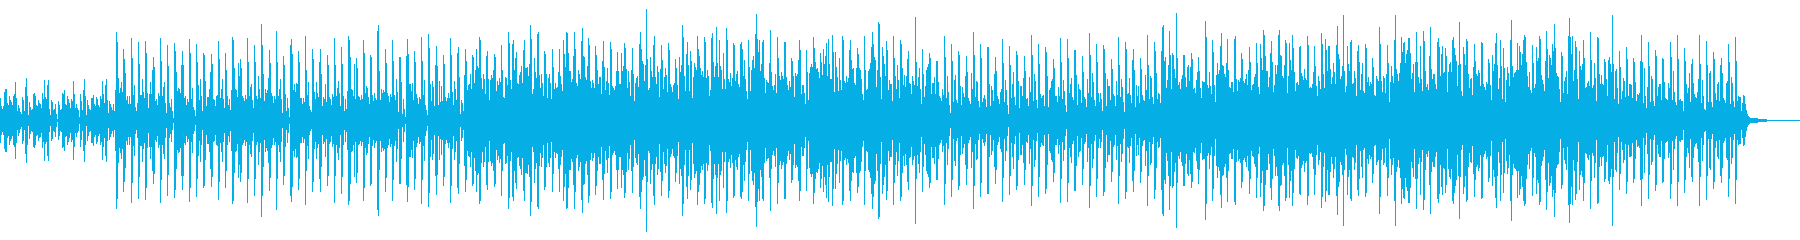 アコースティックなオープニングポップスの再生済みの波形